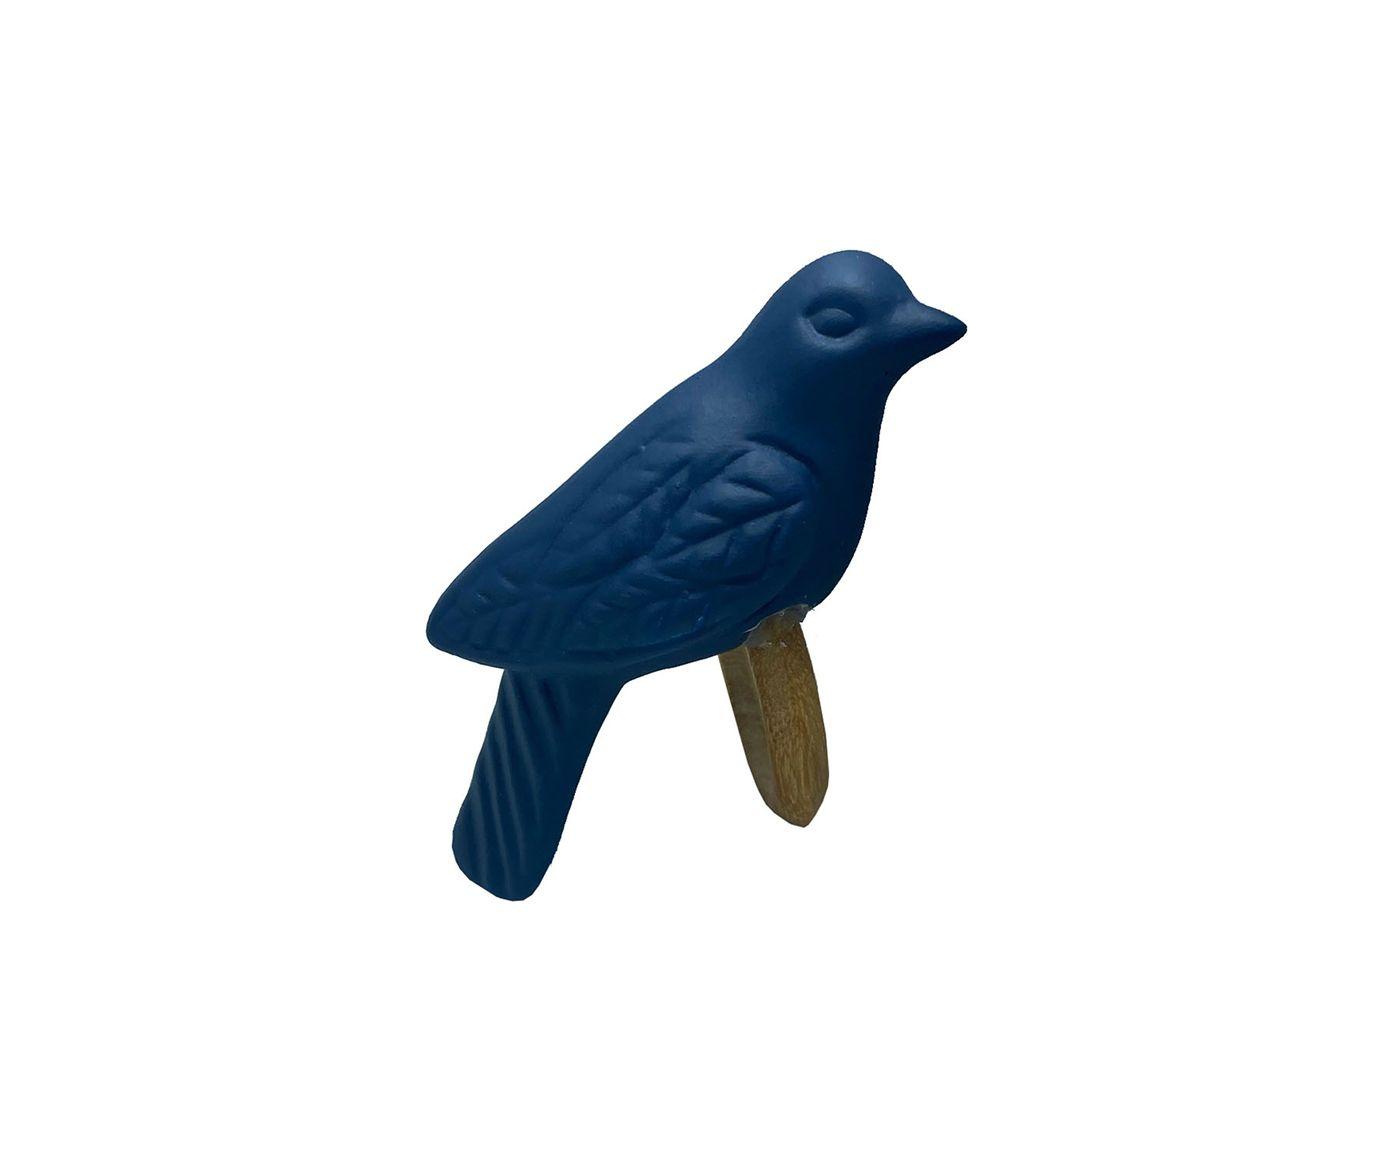 Anel para Guardanapo Pássaro Fosco Marinho - 12X6cm | Westwing.com.br